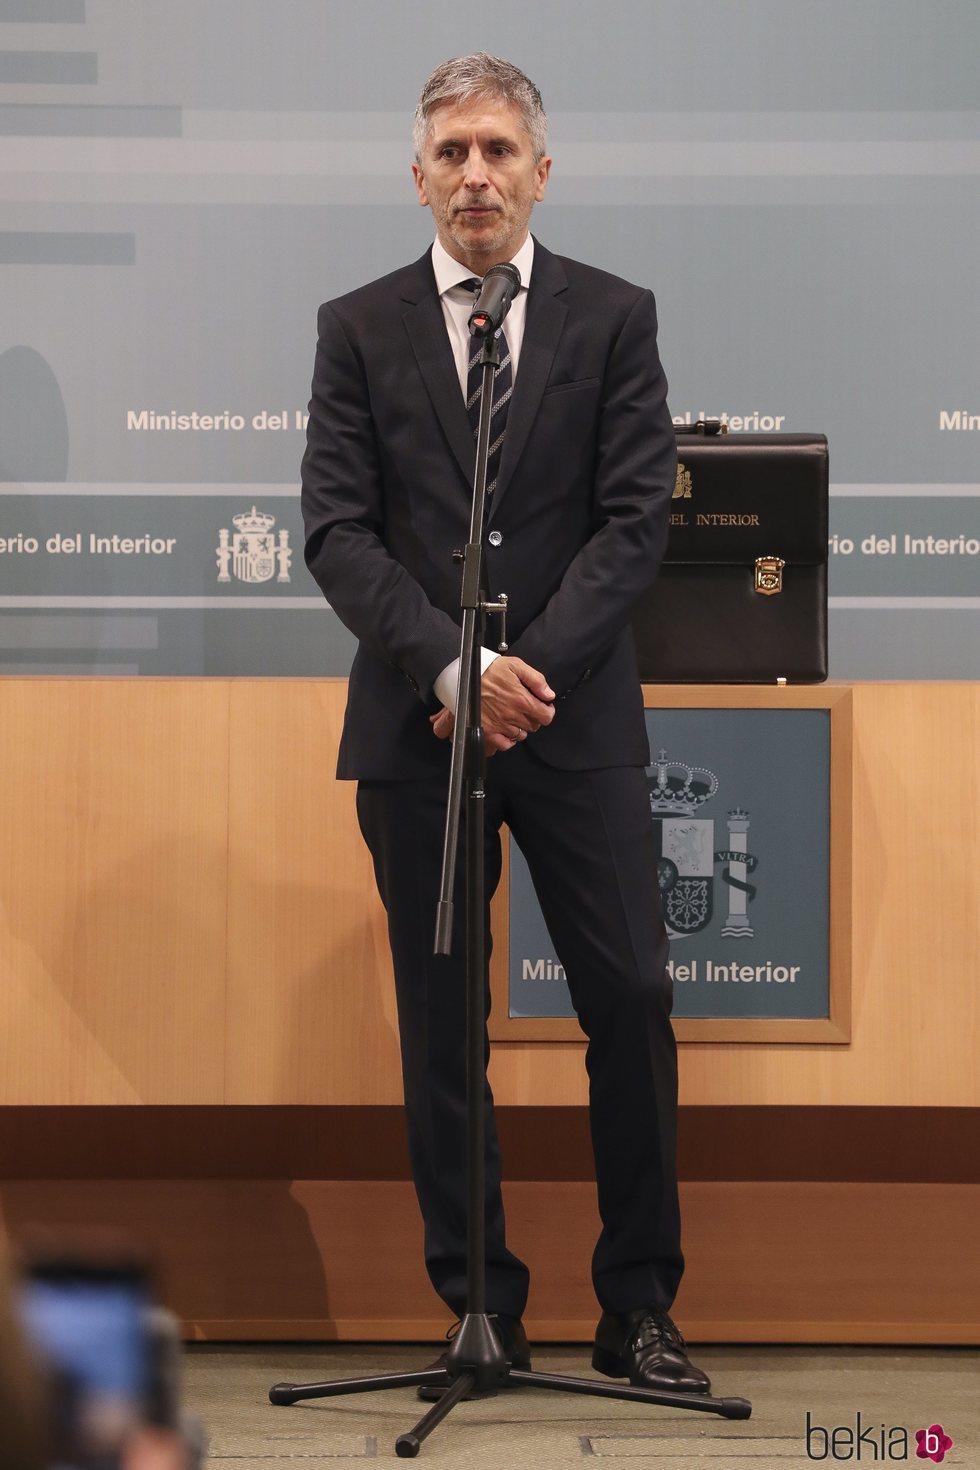 Fernando Grande-Marlaska tras recibir la cartera de Ministro del Interior